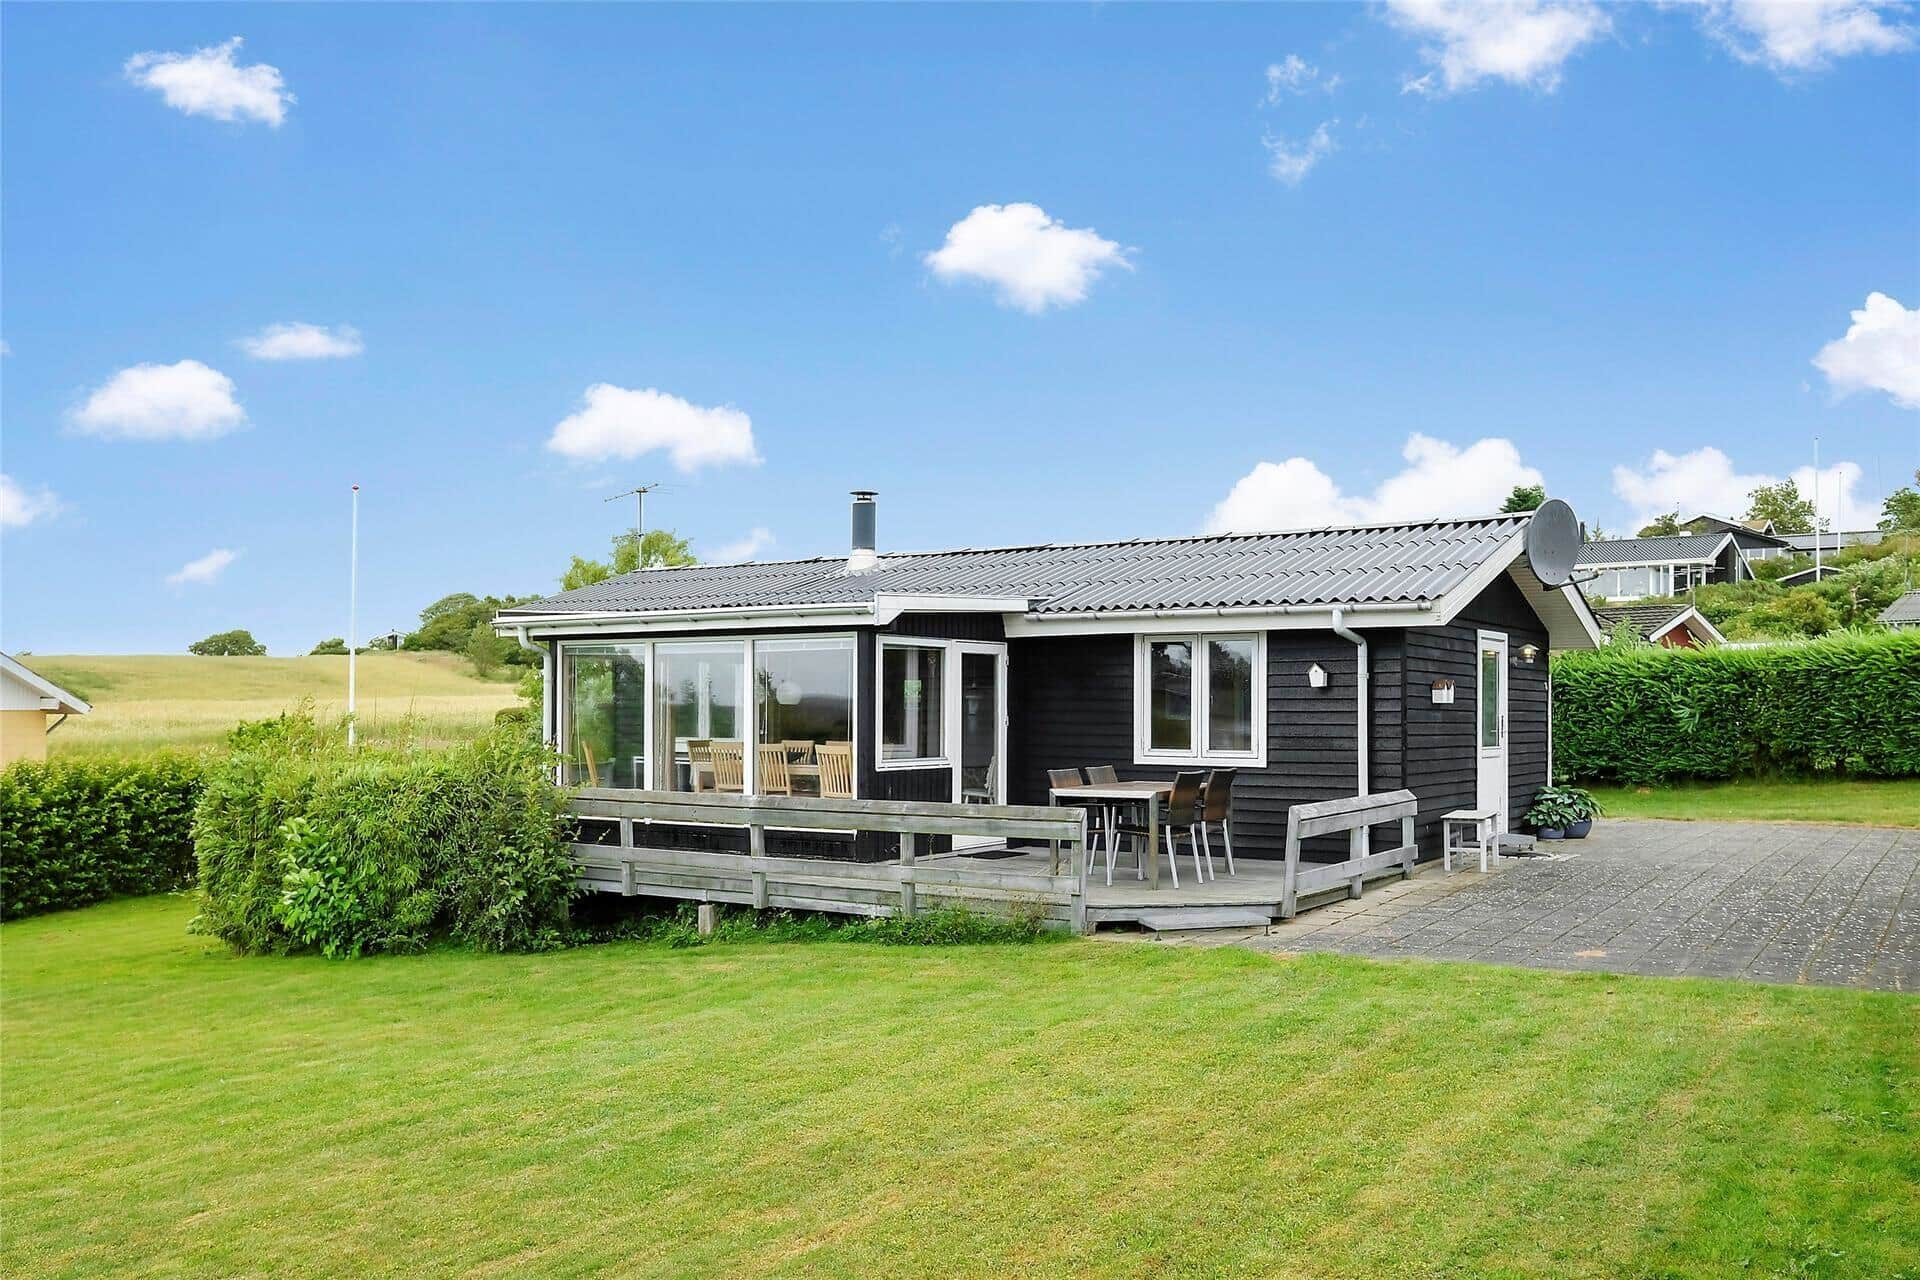 Billede 1-3 Sommerhus L15106, Rønnevej 3, DK - 9640 Farsø